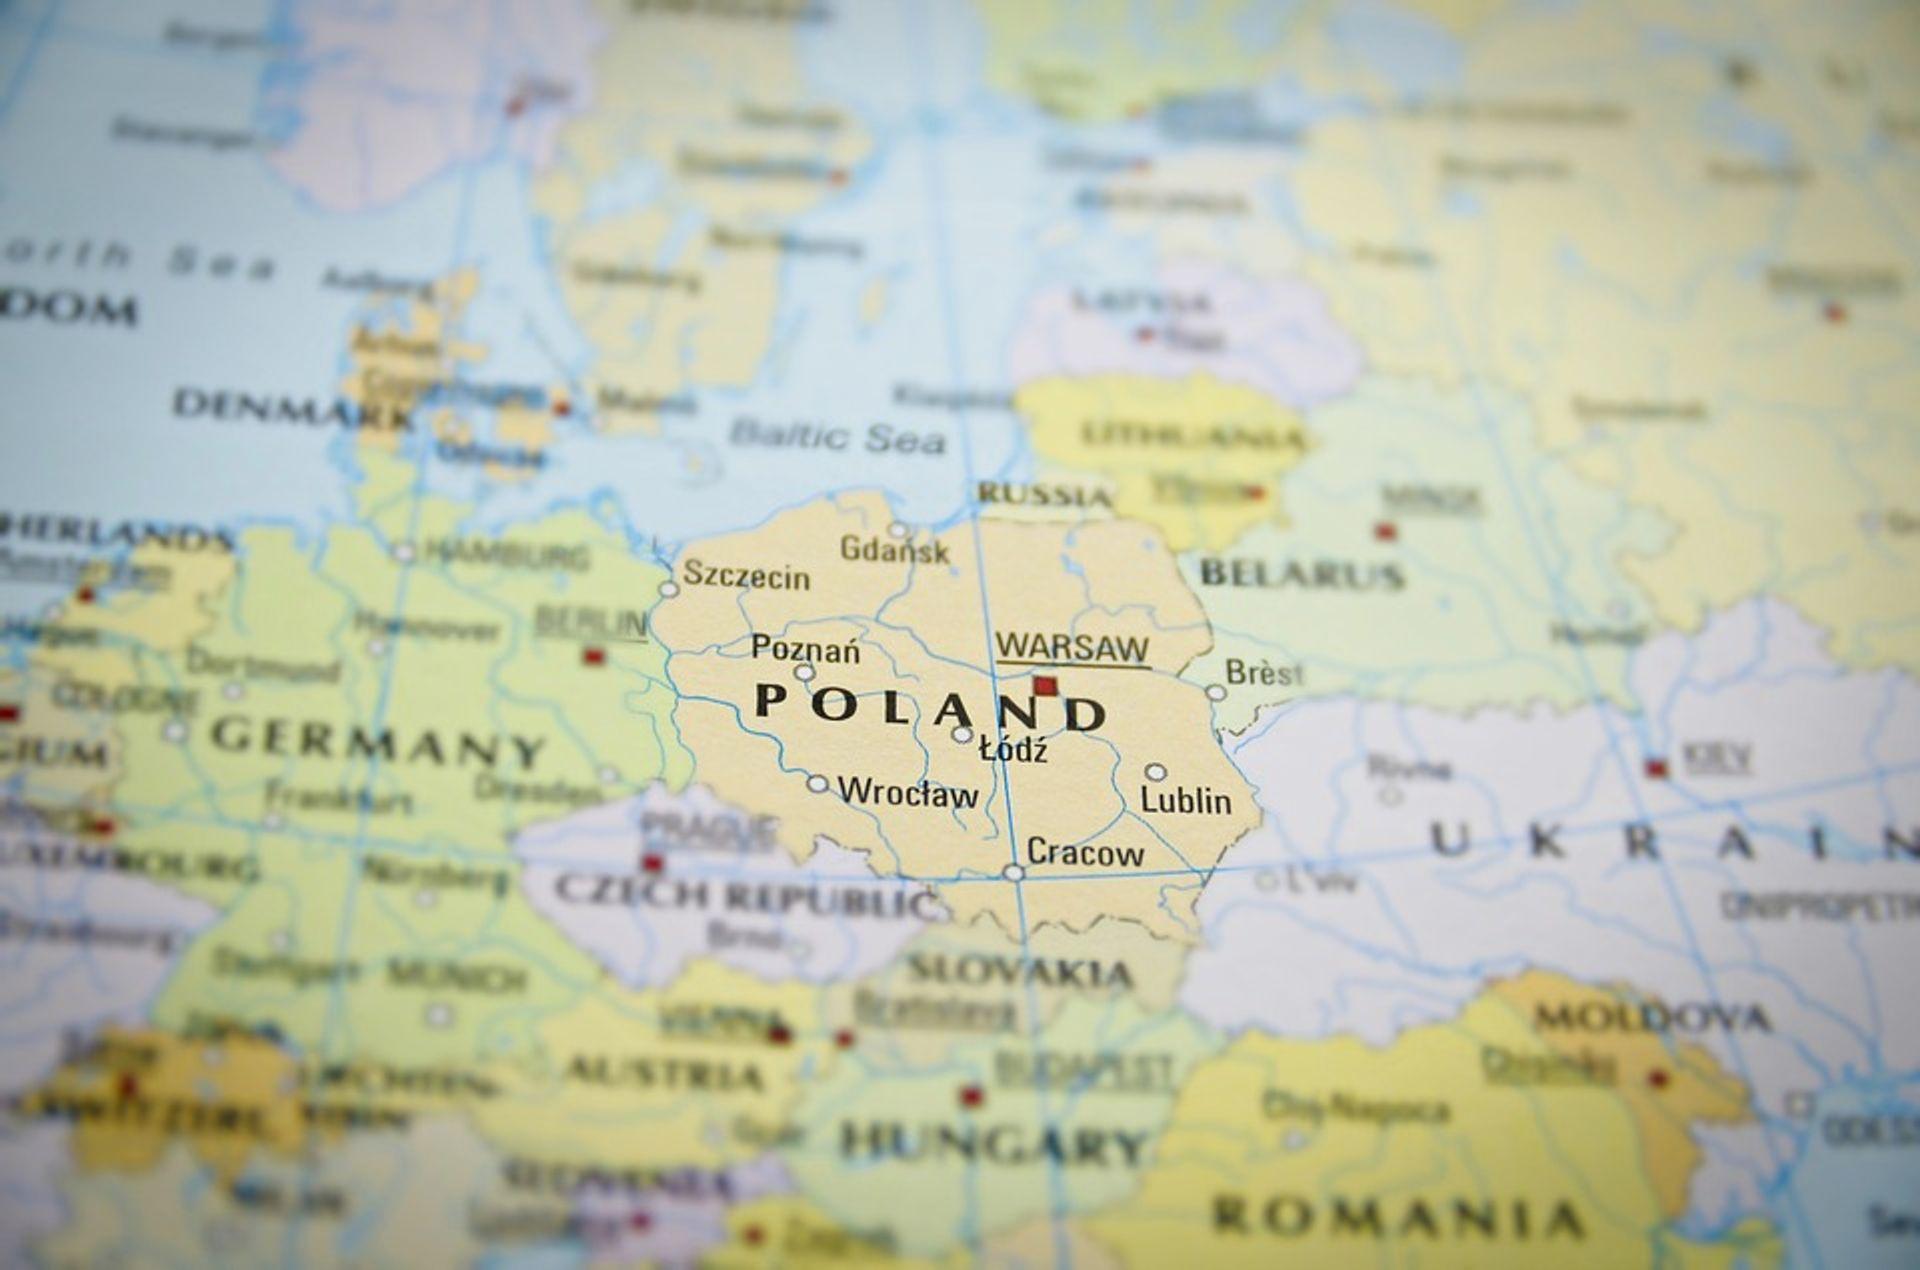 [Polska] Najlepsza sprzedaż gruntów w Polsce od 2008 roku